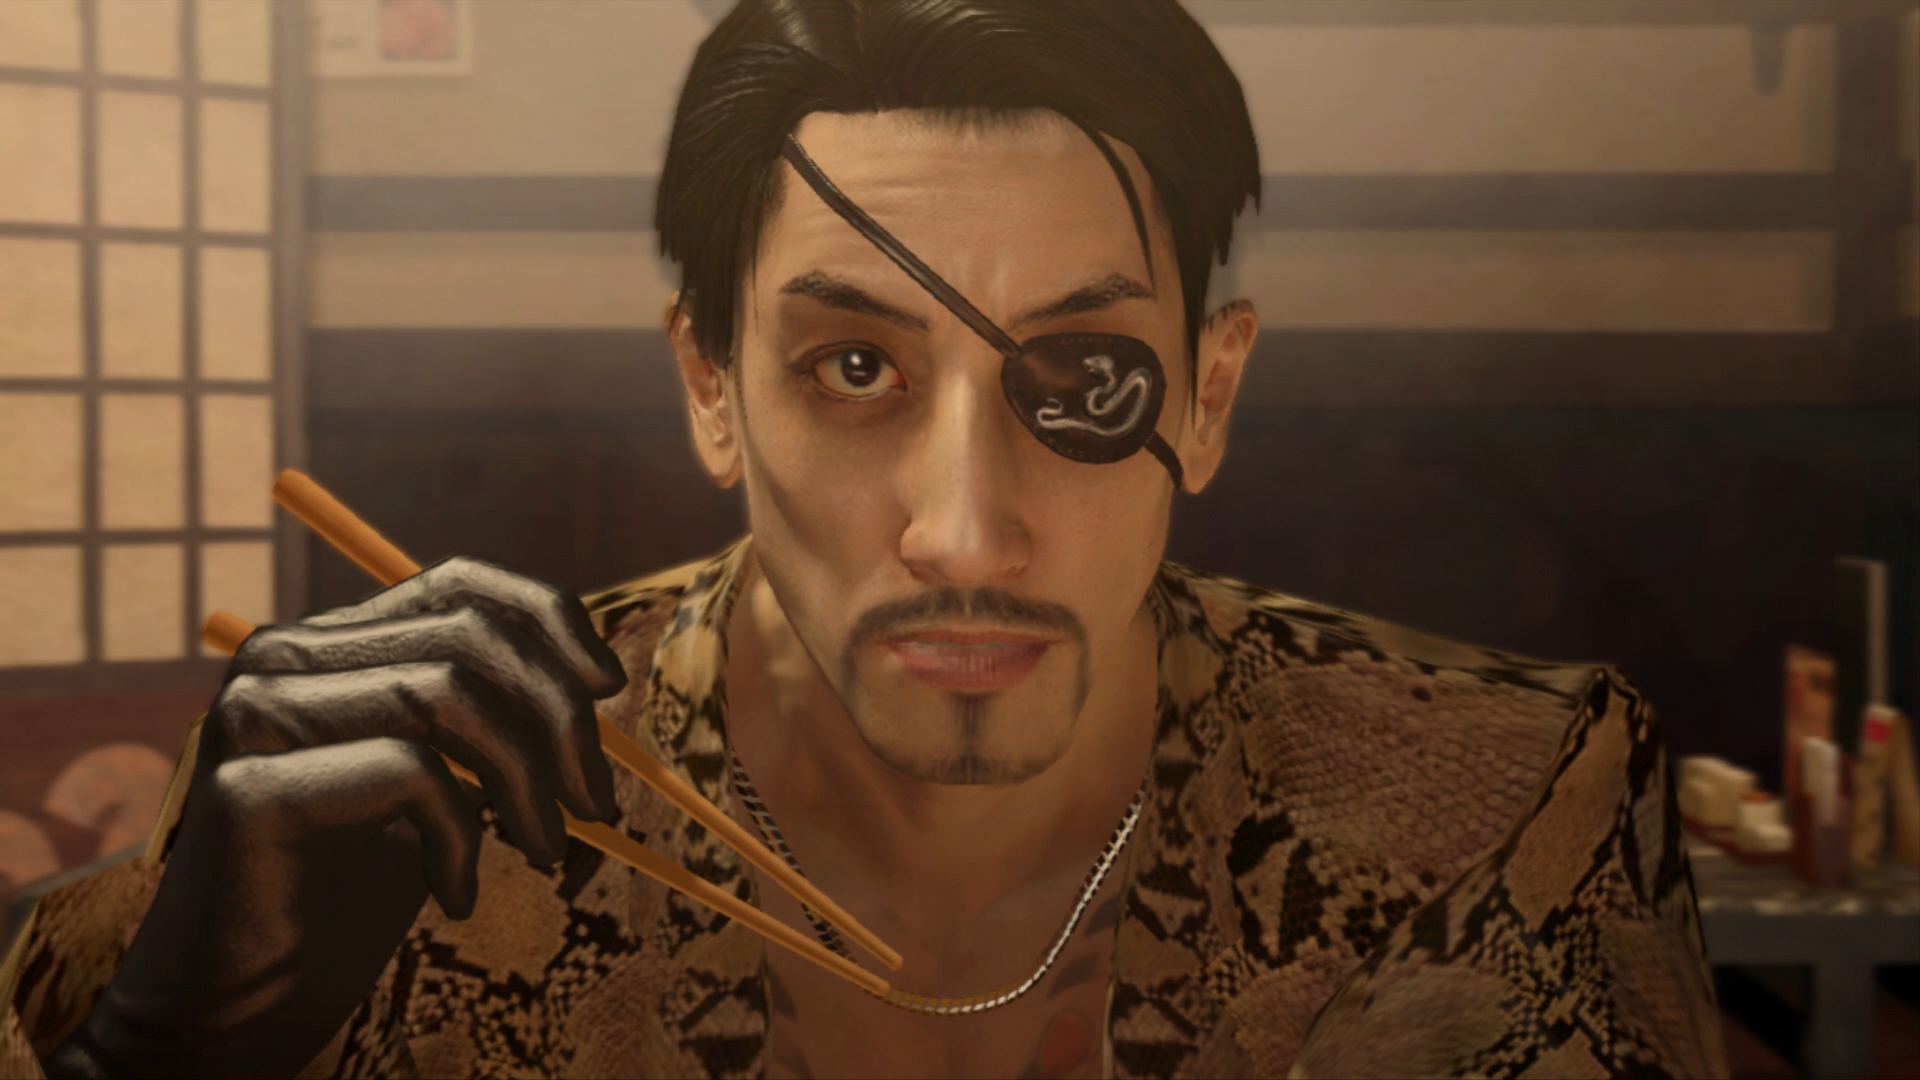 Goro Majima Yakuza Wiki Fandom Majima gorō) is a major recurring character in sega's yakuza video game series and one of the main playable protagonists of yakuza 0 and yakuza: goro majima yakuza wiki fandom